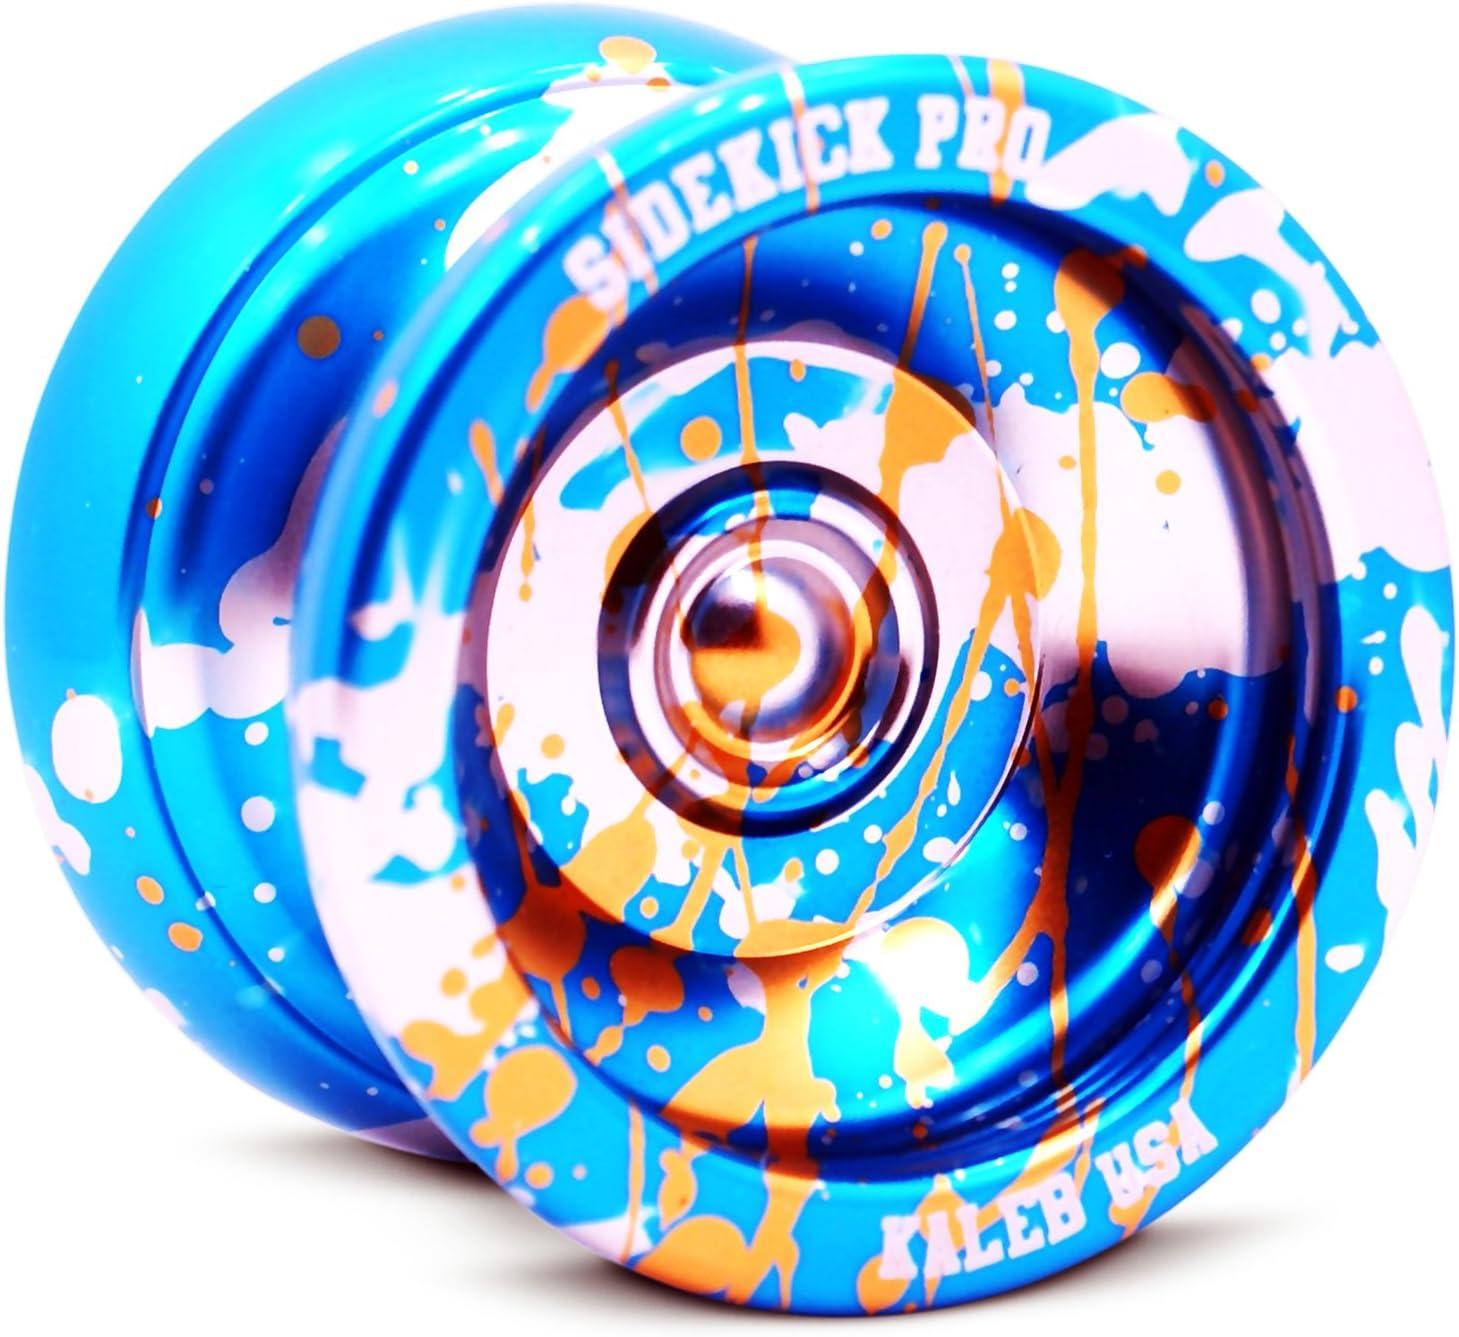 Pro Splashes Professional Aluminum UNresponsive YoYo Blue //Silver//Gold Extremely